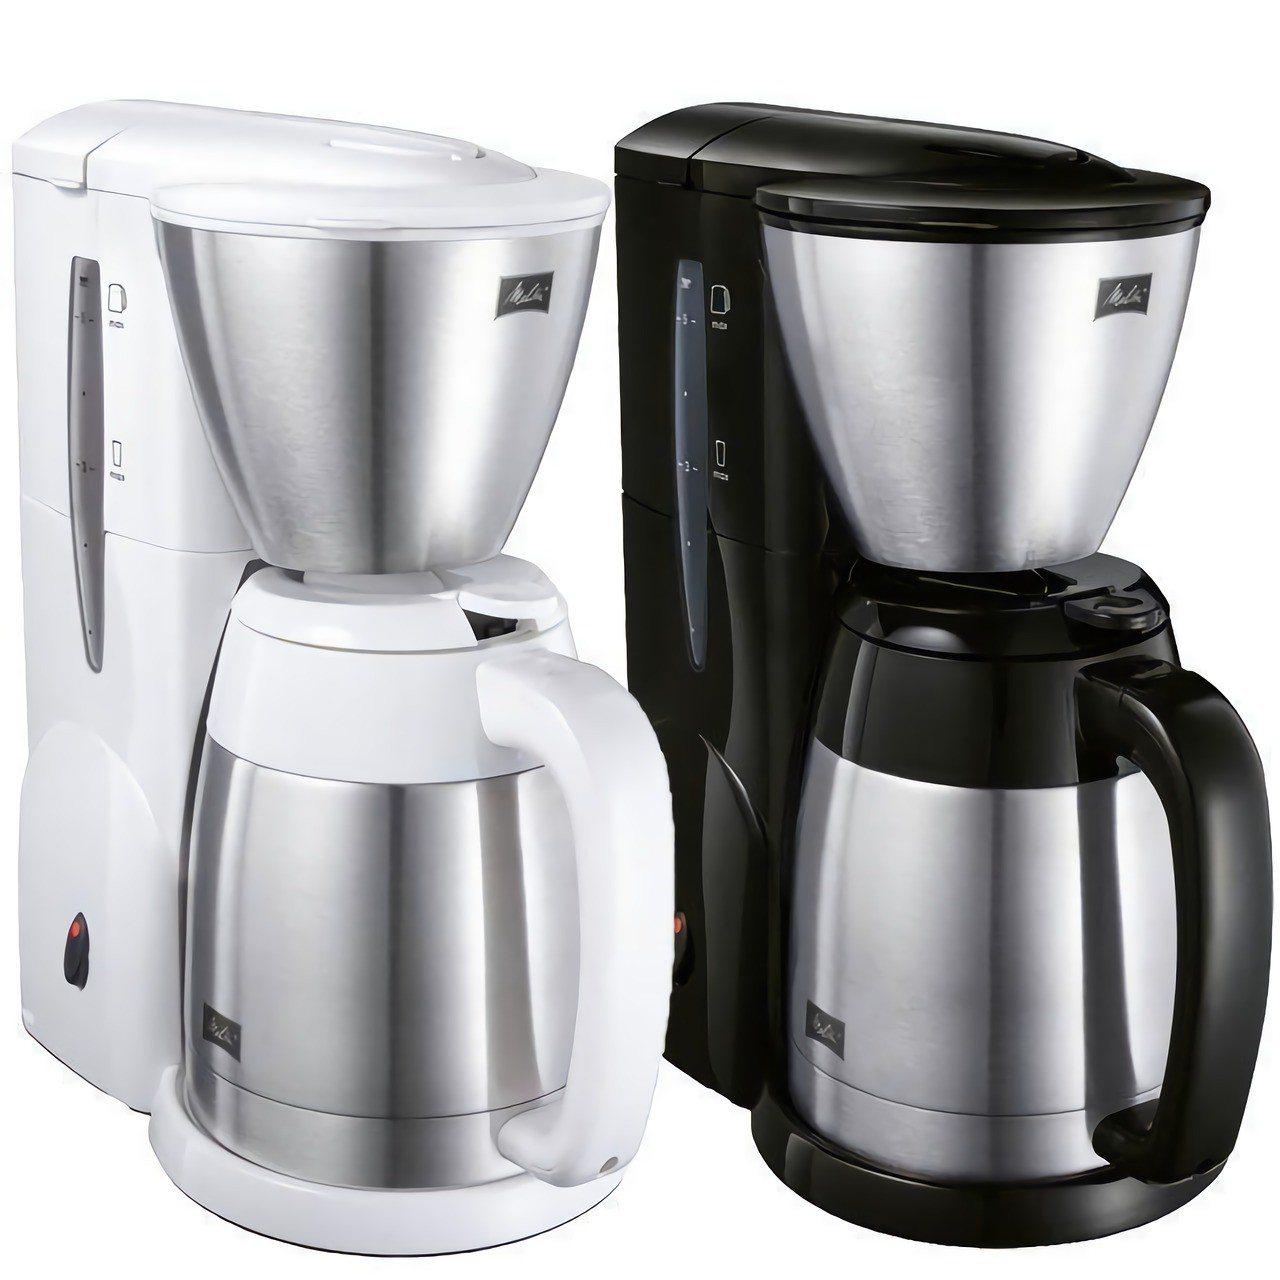 Melitta美式咖啡機,樂天市場11月9日晚上11點5折特價1,599元。圖/...